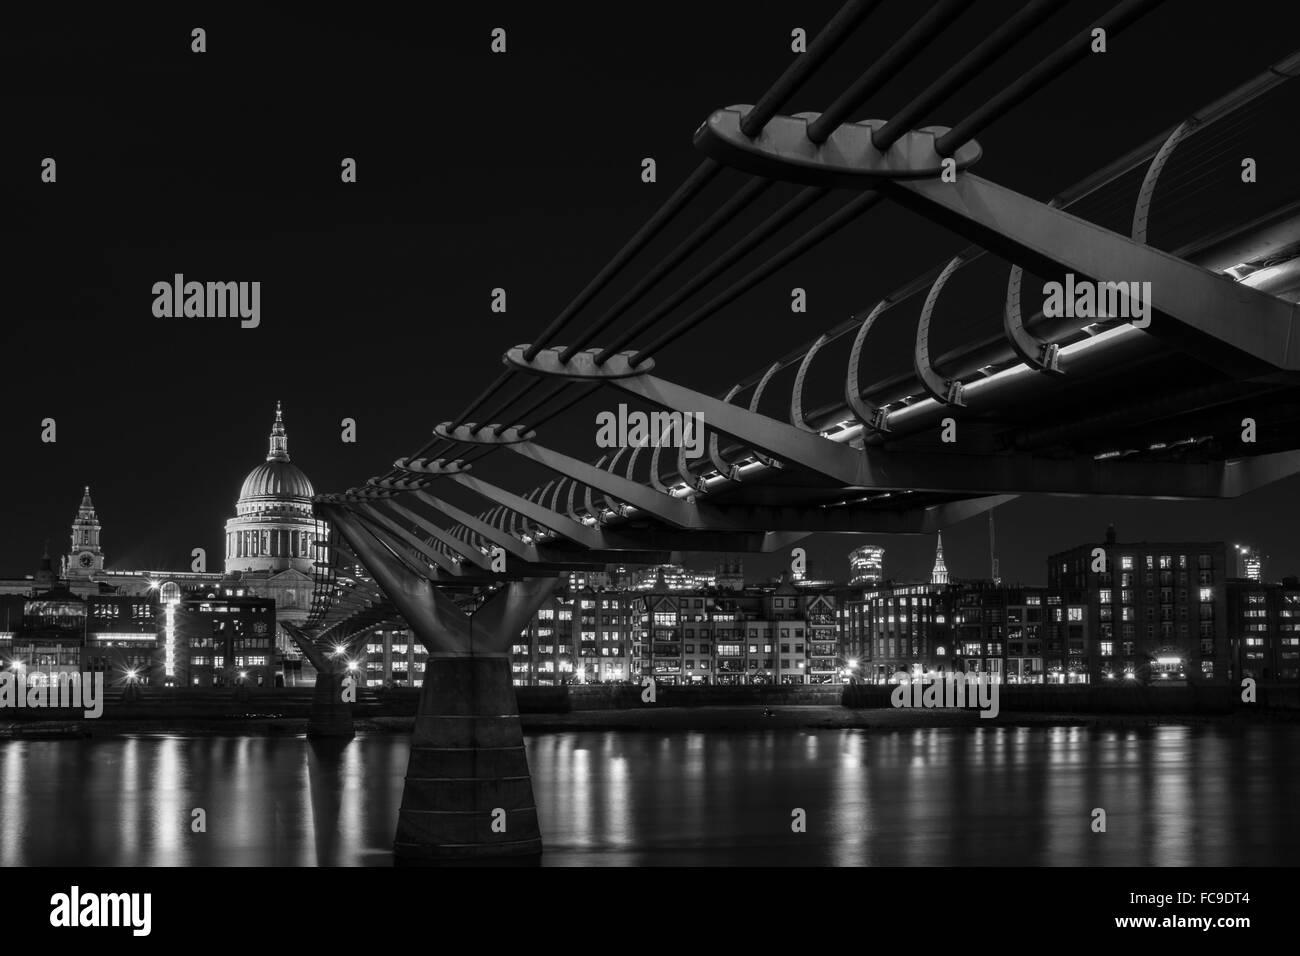 Londres noir et blanc photographie urbaine: cityscape of Millennium Bridge, la Cathédrale St Paul et la Tamise de nuit. Banque D'Images